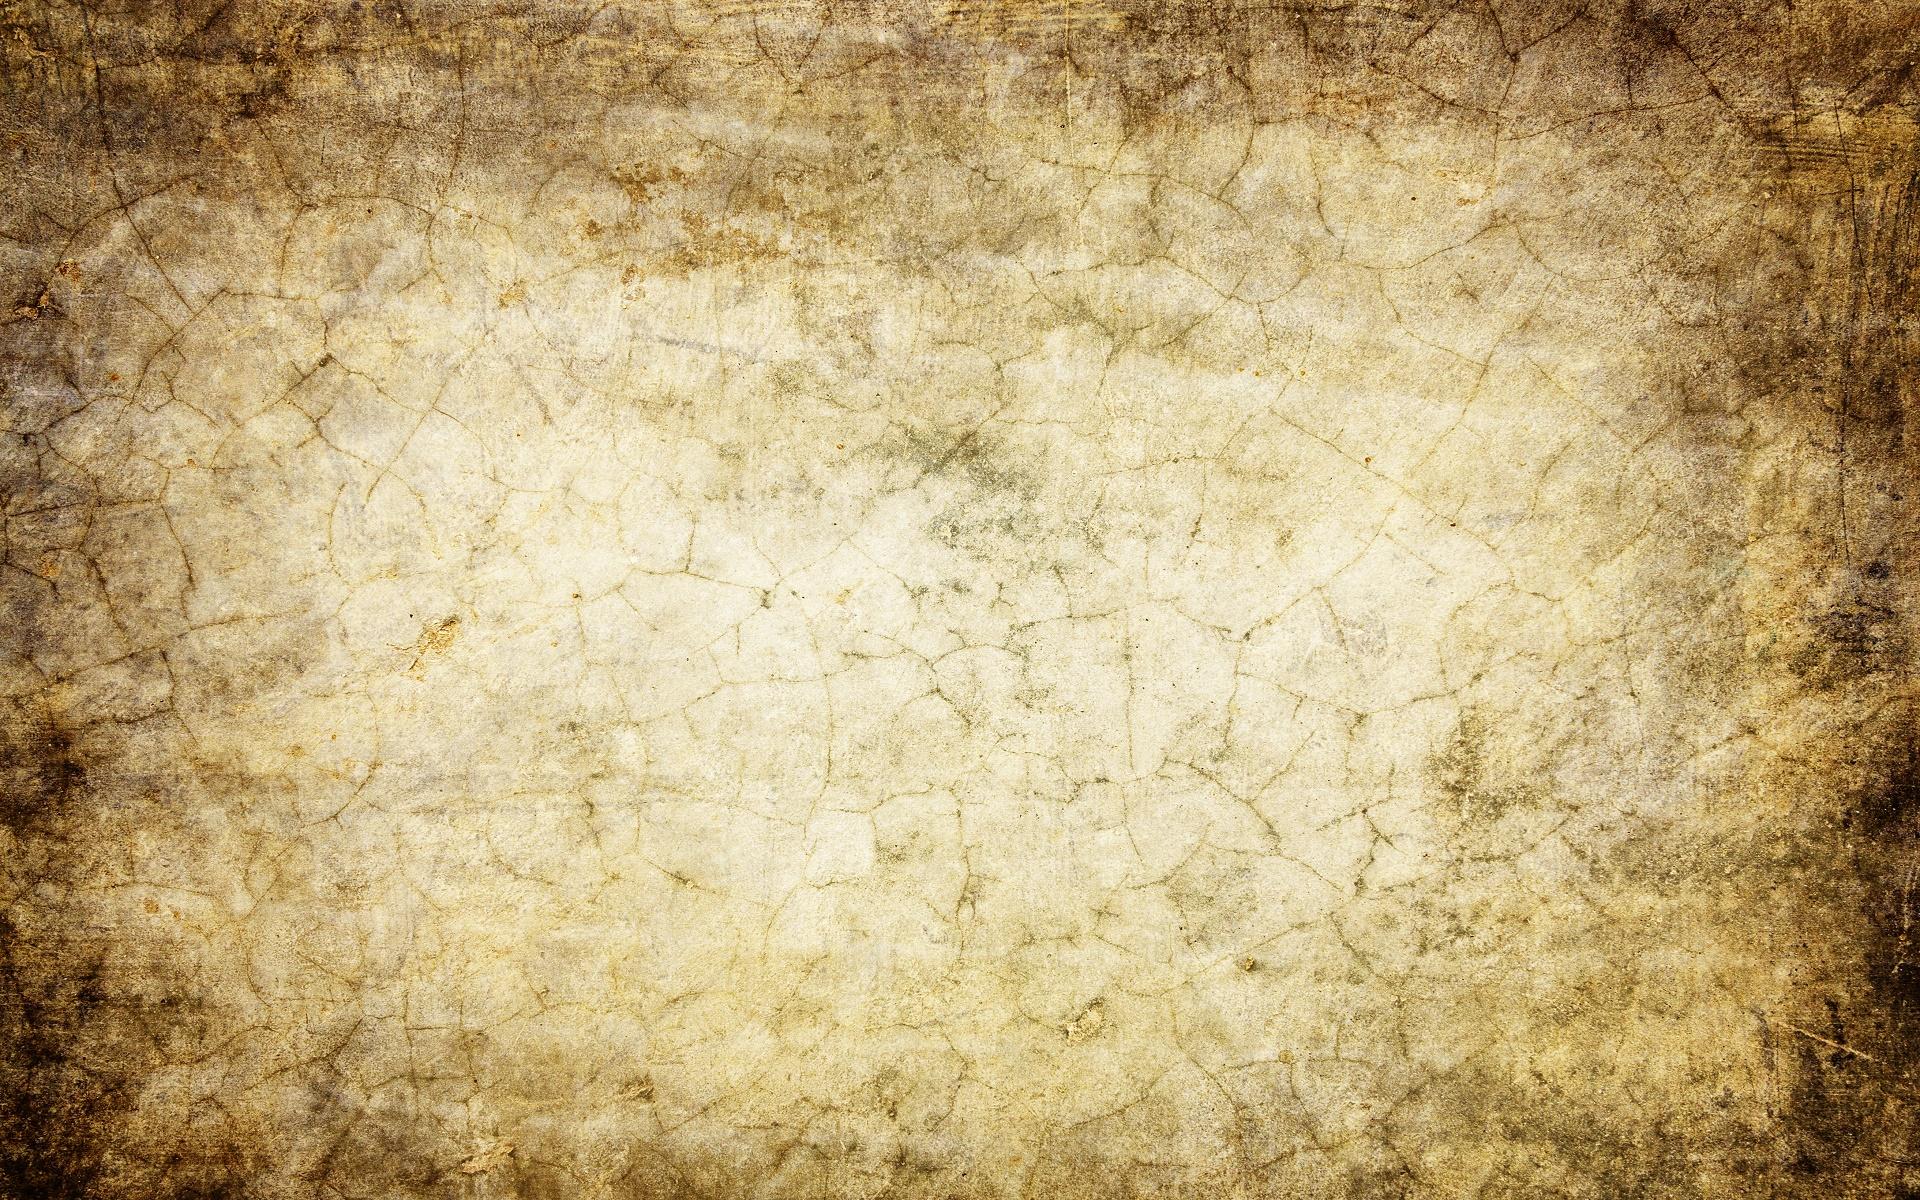 Patterns For Girls Wallpaper High Defintion Yellow Grunge Wallpaper Hd Pixelstalk Net